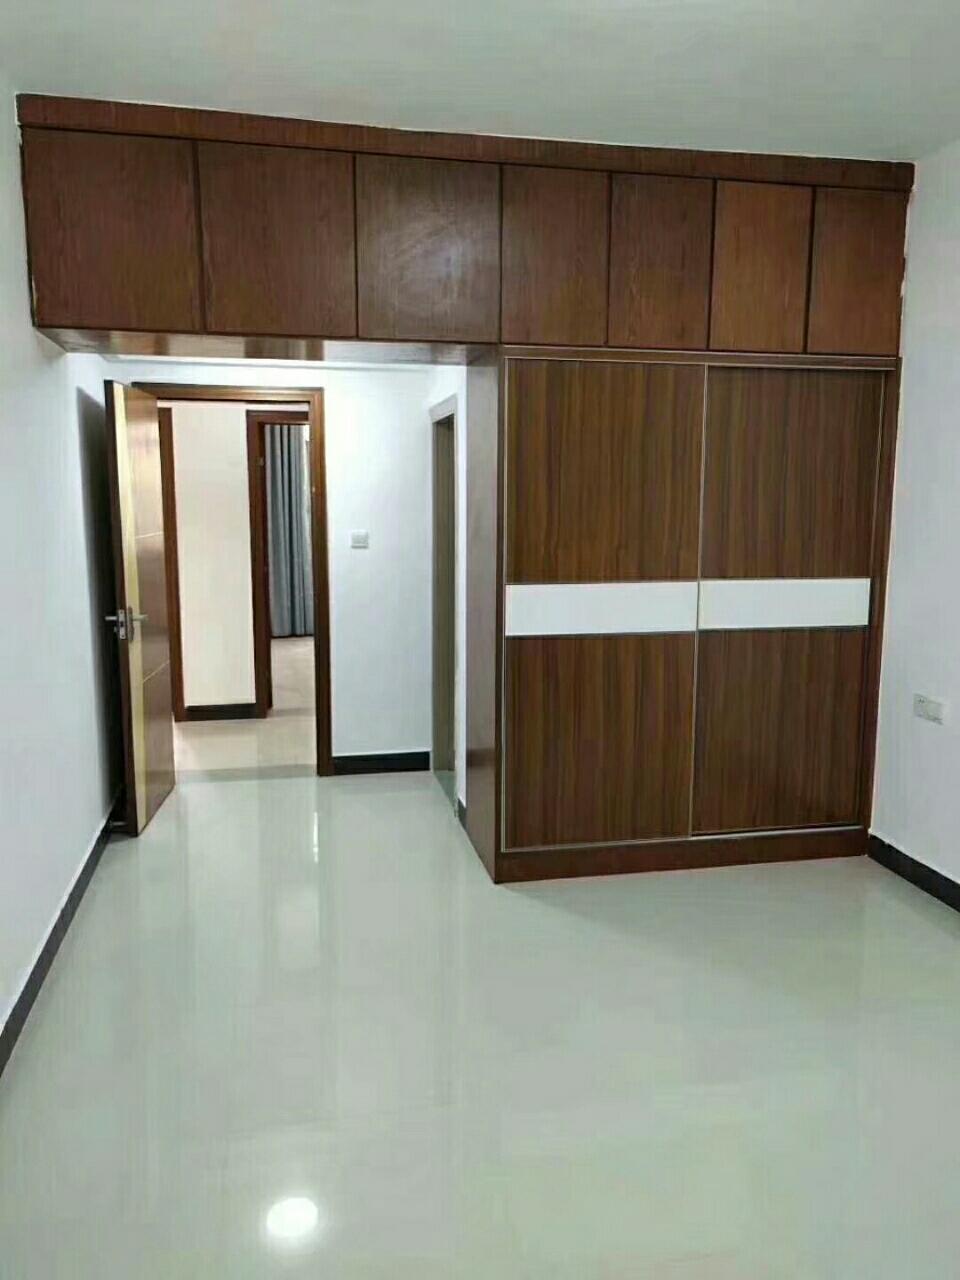 福龙馨苑小区房3室2厅2卫89.8万元